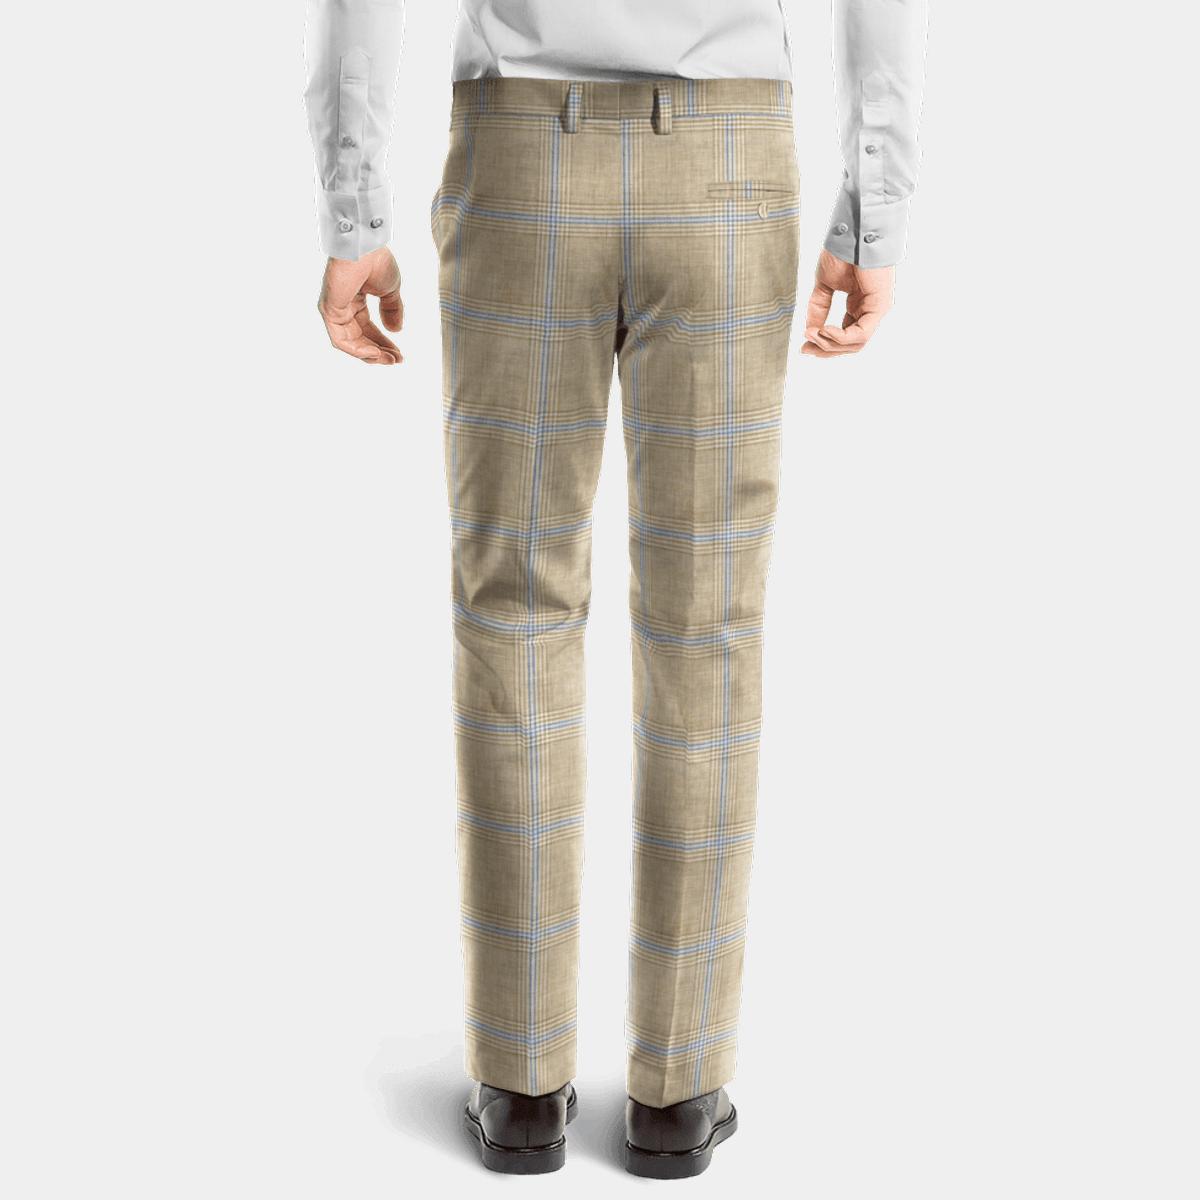 Pantalón beige de corte recto de Lino a cuadros  2 41cb46a3c98